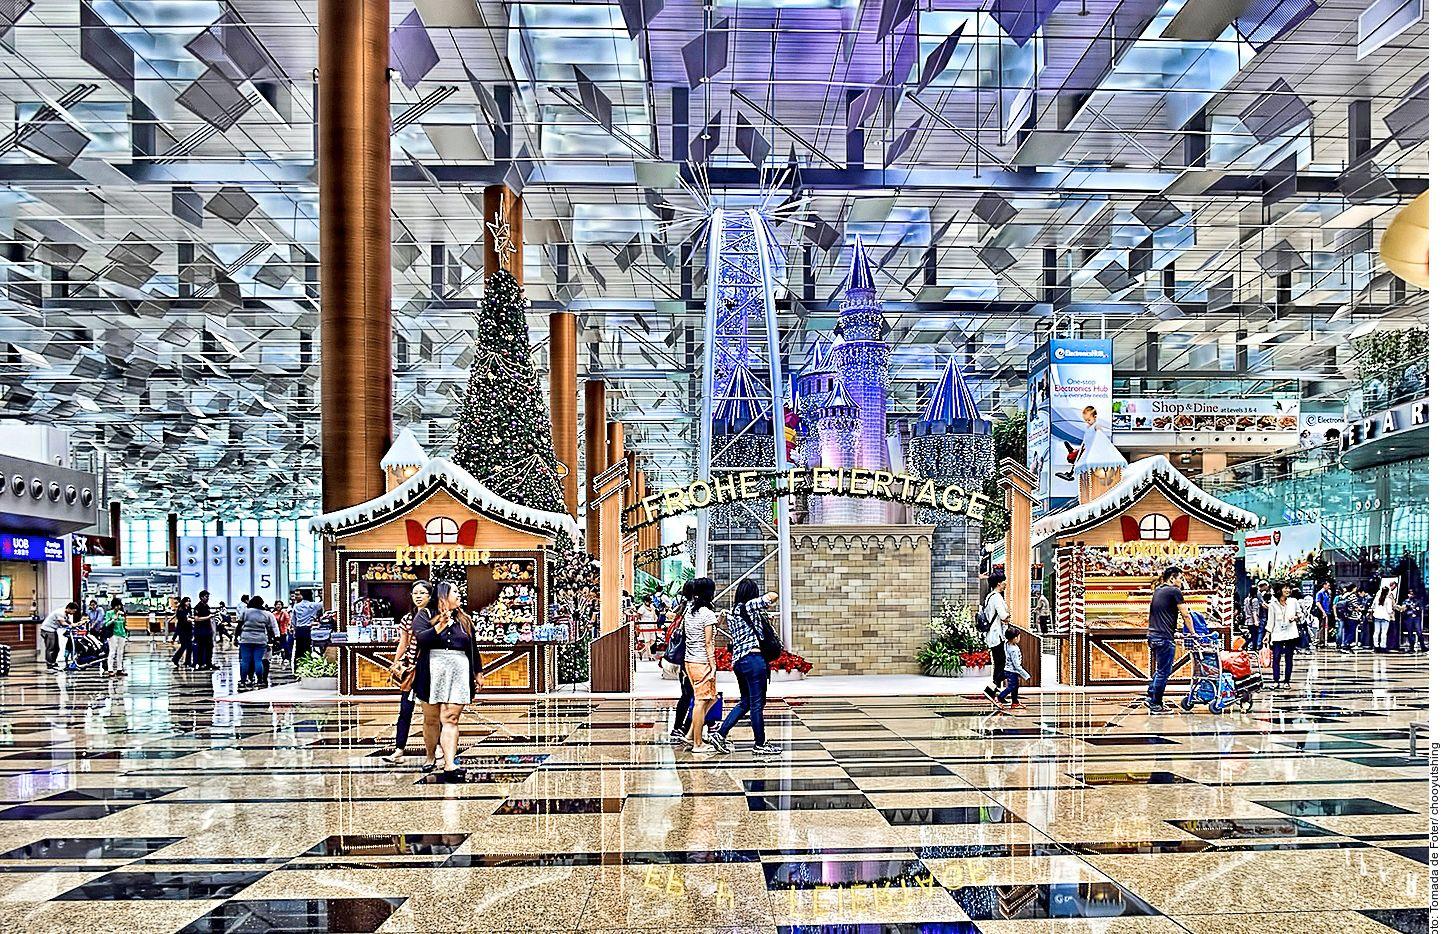 El aeropuerto de Singapur gestionó un récord de 65.6 millones de pasajeros el año pasado y está ampliando su capacidad, construyendo una quinta terminal y una tercera pista, así como una instalación de compras, restaurantes y ocio llamada Jewel. AGENCIA REFORMA